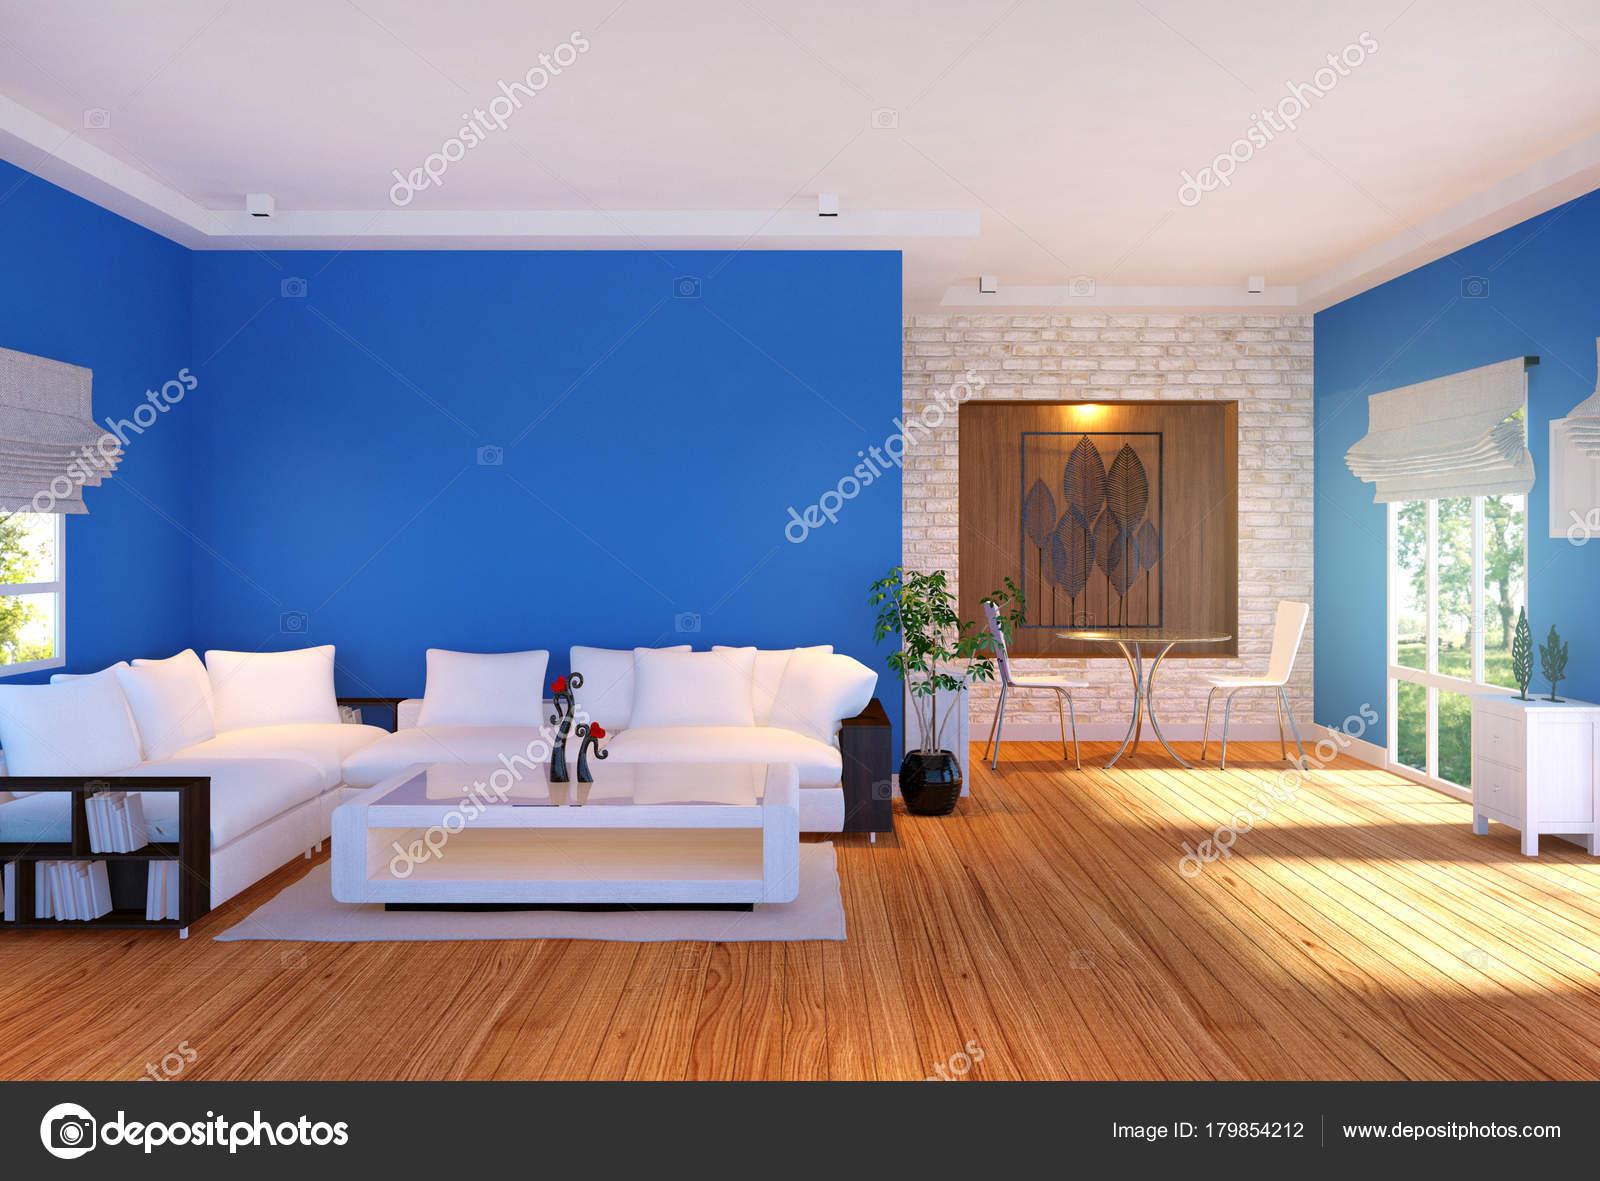 Fantastisch Moderne Wohnzimmer Einrichtung Mit Möbeln Und Blau Leere Wand Rendering U2014  Stockfoto